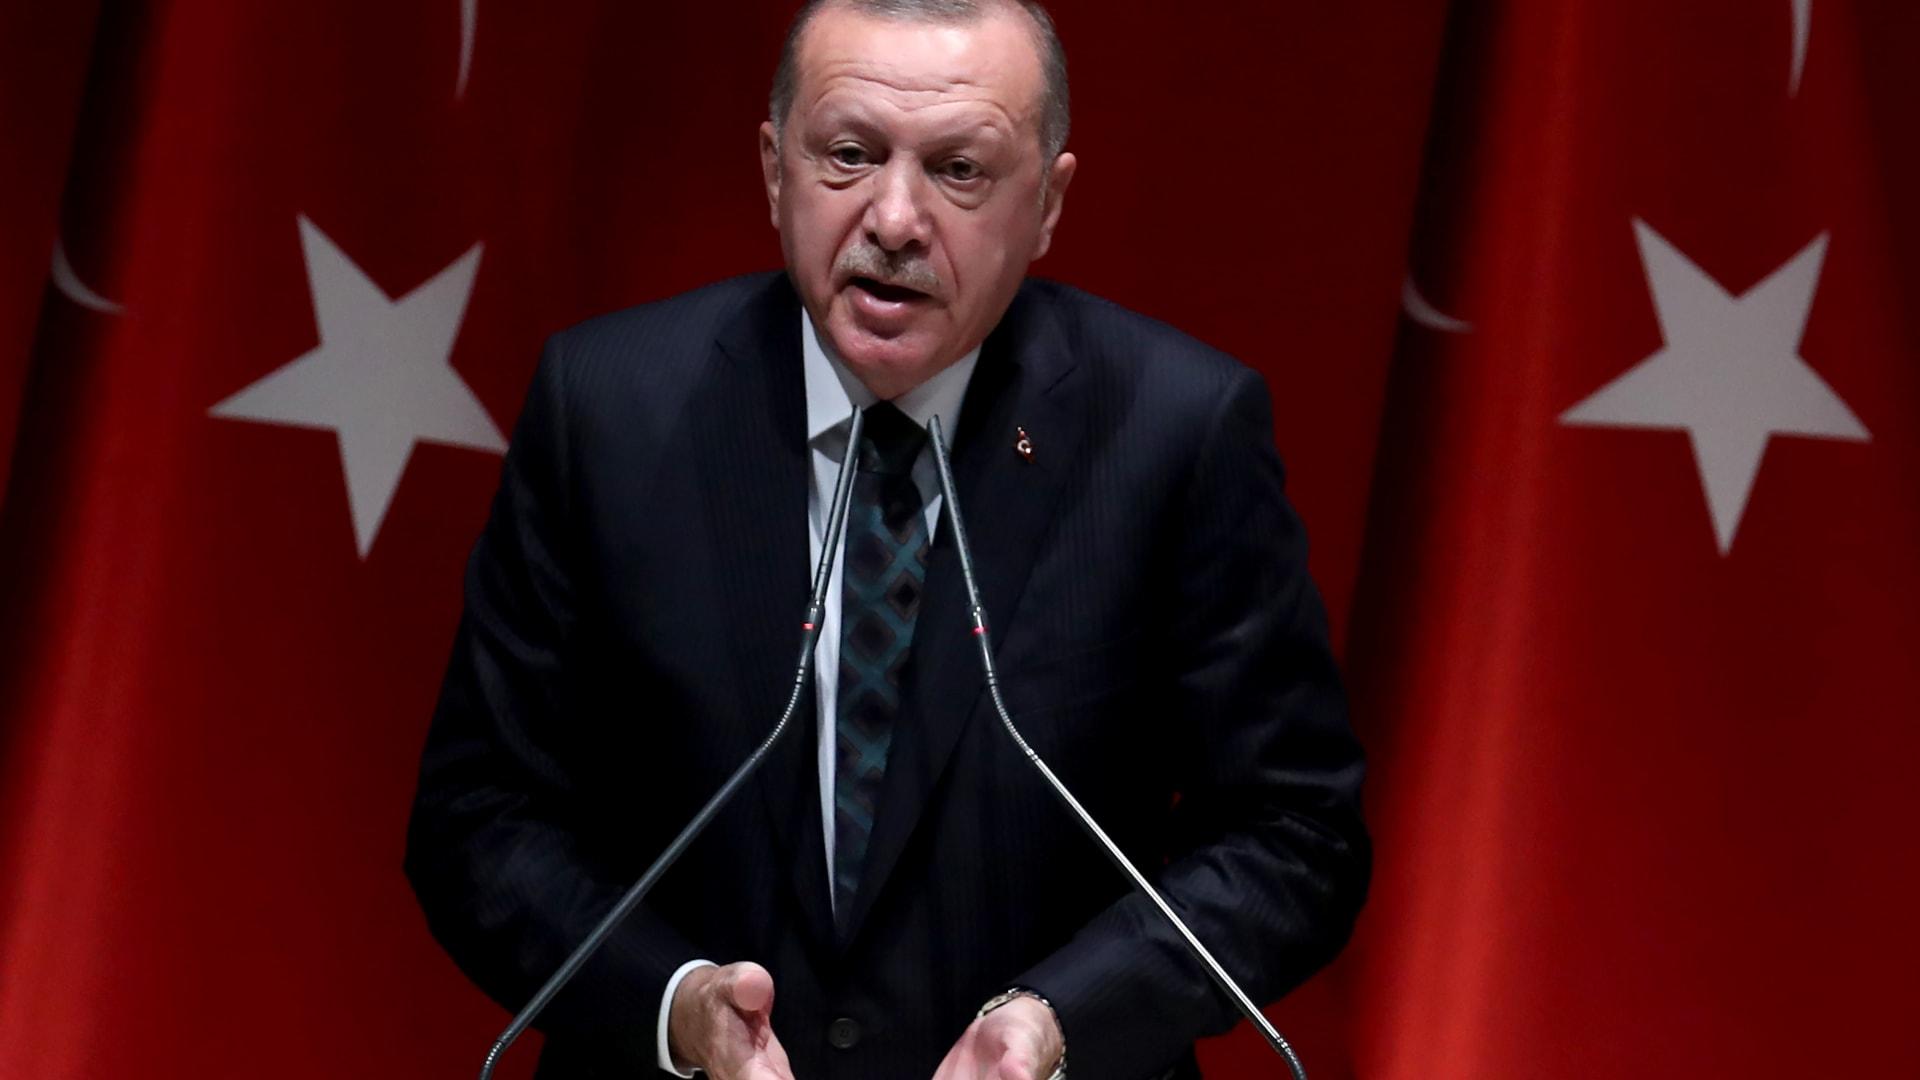 في اليوم الخامس للهجوم.. ما مصير الأكراد في جنوب شرق تركيا؟